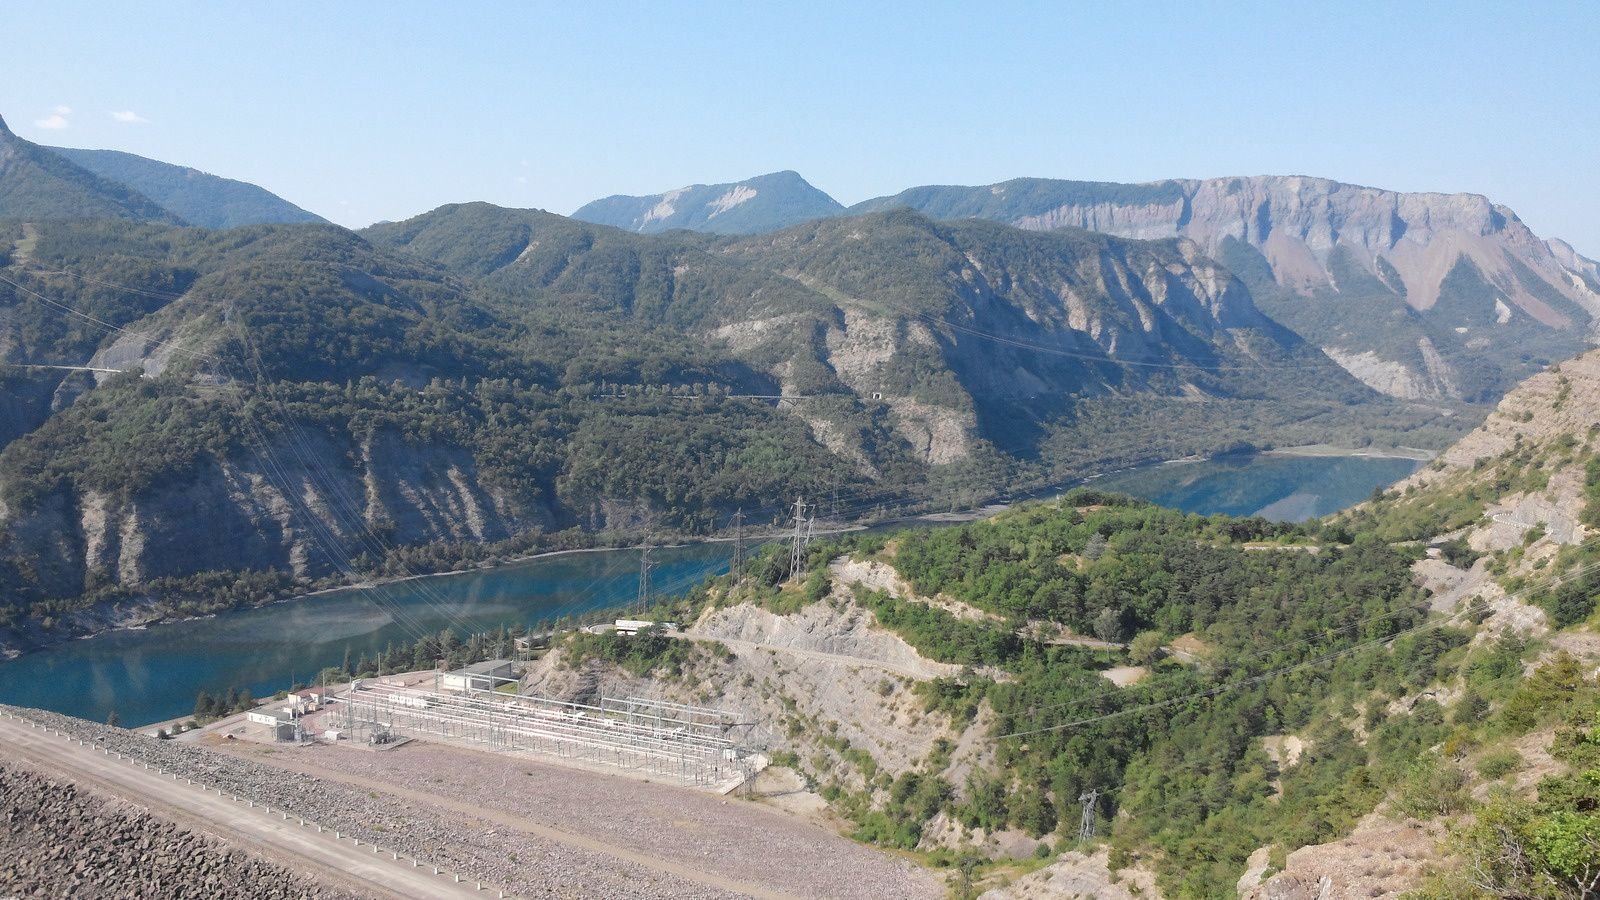 La galerie d'accès à l'usine mesure 100 m de long et 40 m² de section Puissance :      360 MW (4 turbines Francis de 84 MW) • Production moyenne : 720 millions de kilowatt/heures Hauteur de chute maximale : 123 m Débit équipé : 300 m³ / seconde